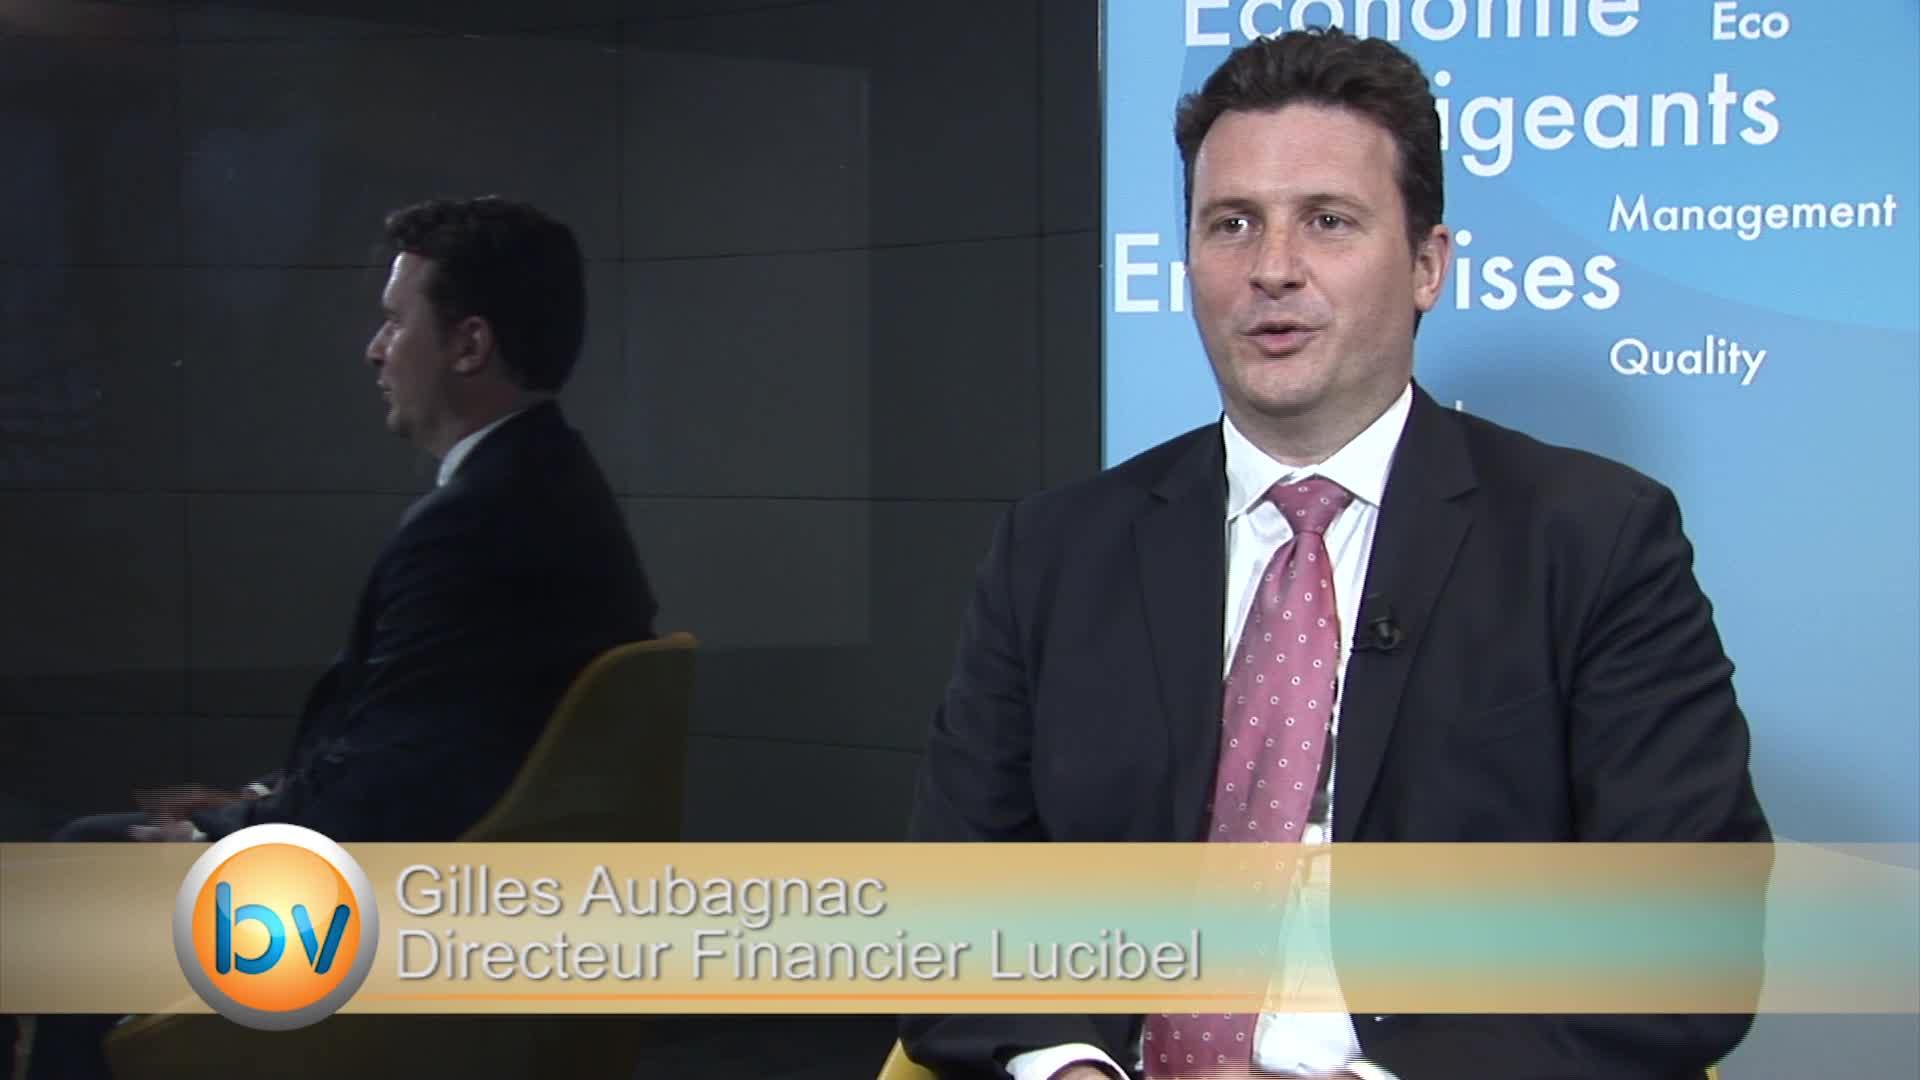 """Gilles Aubagnac Directeur Financier Lucibel : """"Nous pourrons financer la période d'inflexion du modèle"""""""